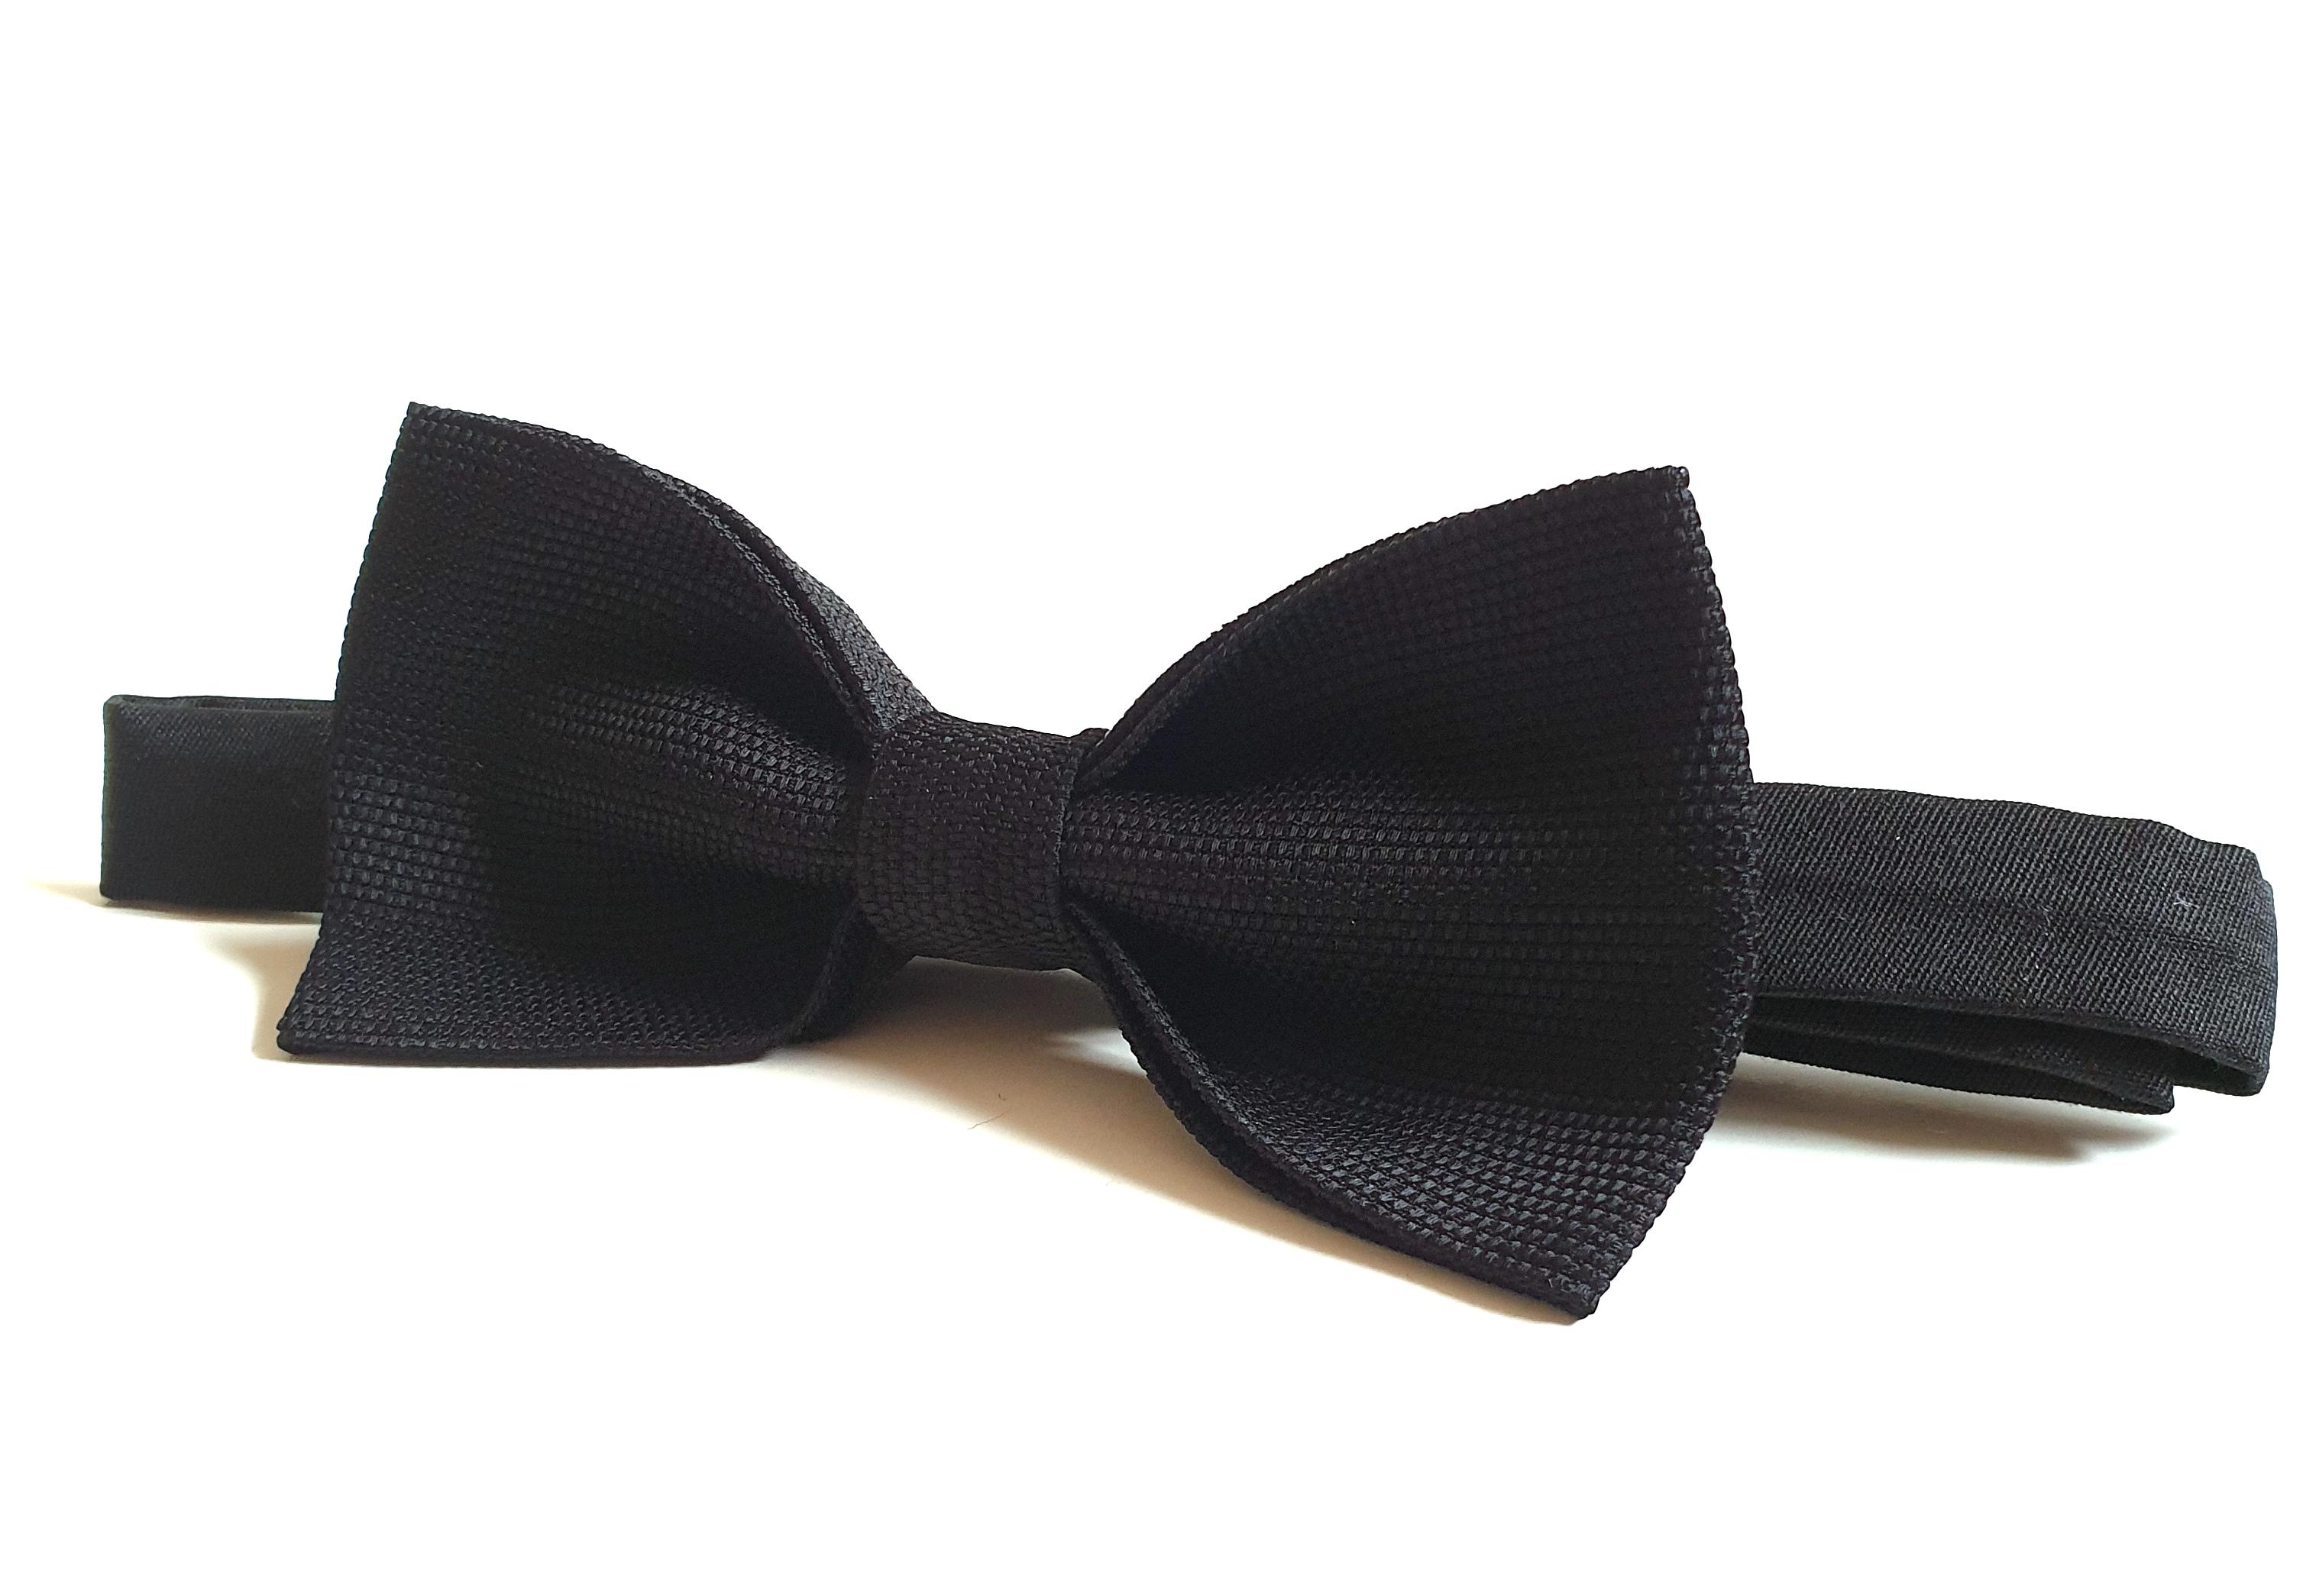 Bow Tie - Black Piqueè